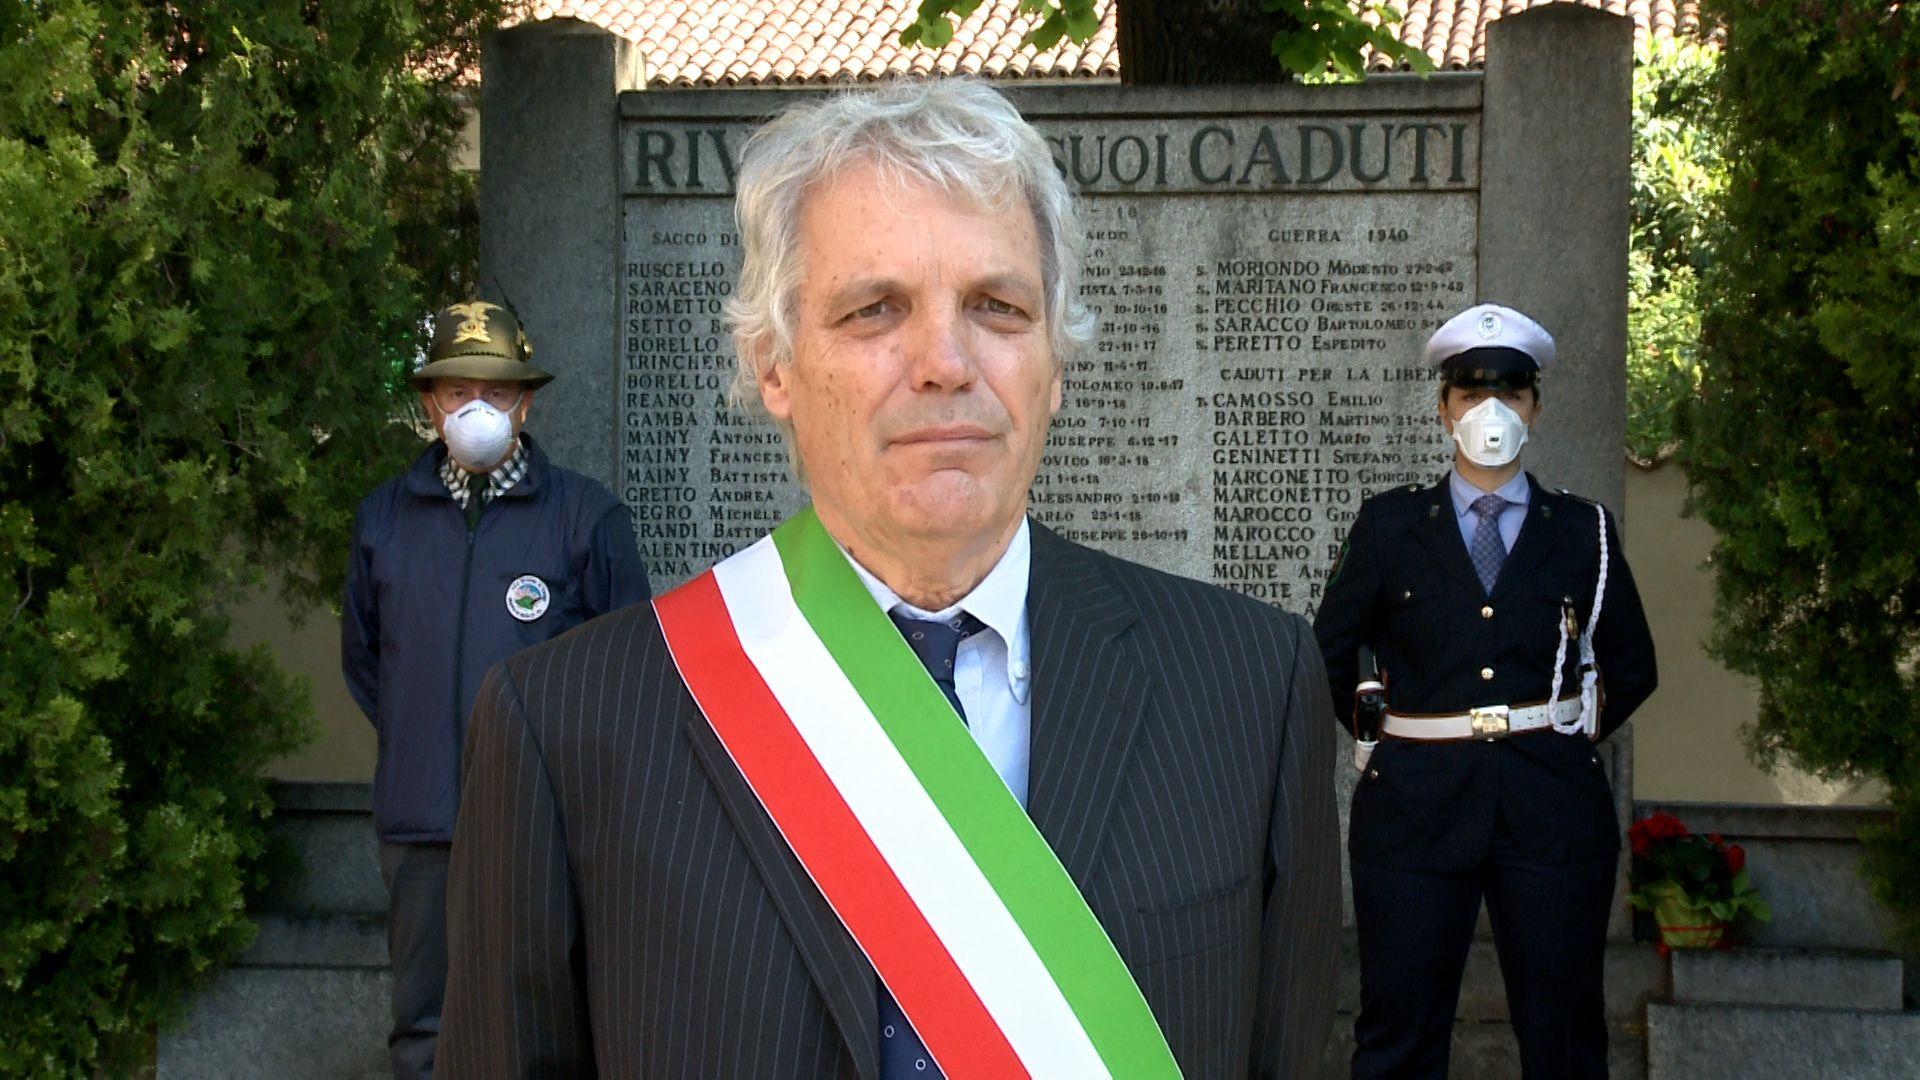 RIVALTA - Il cordoglio della città per la morte del sindaco De Ruggiero